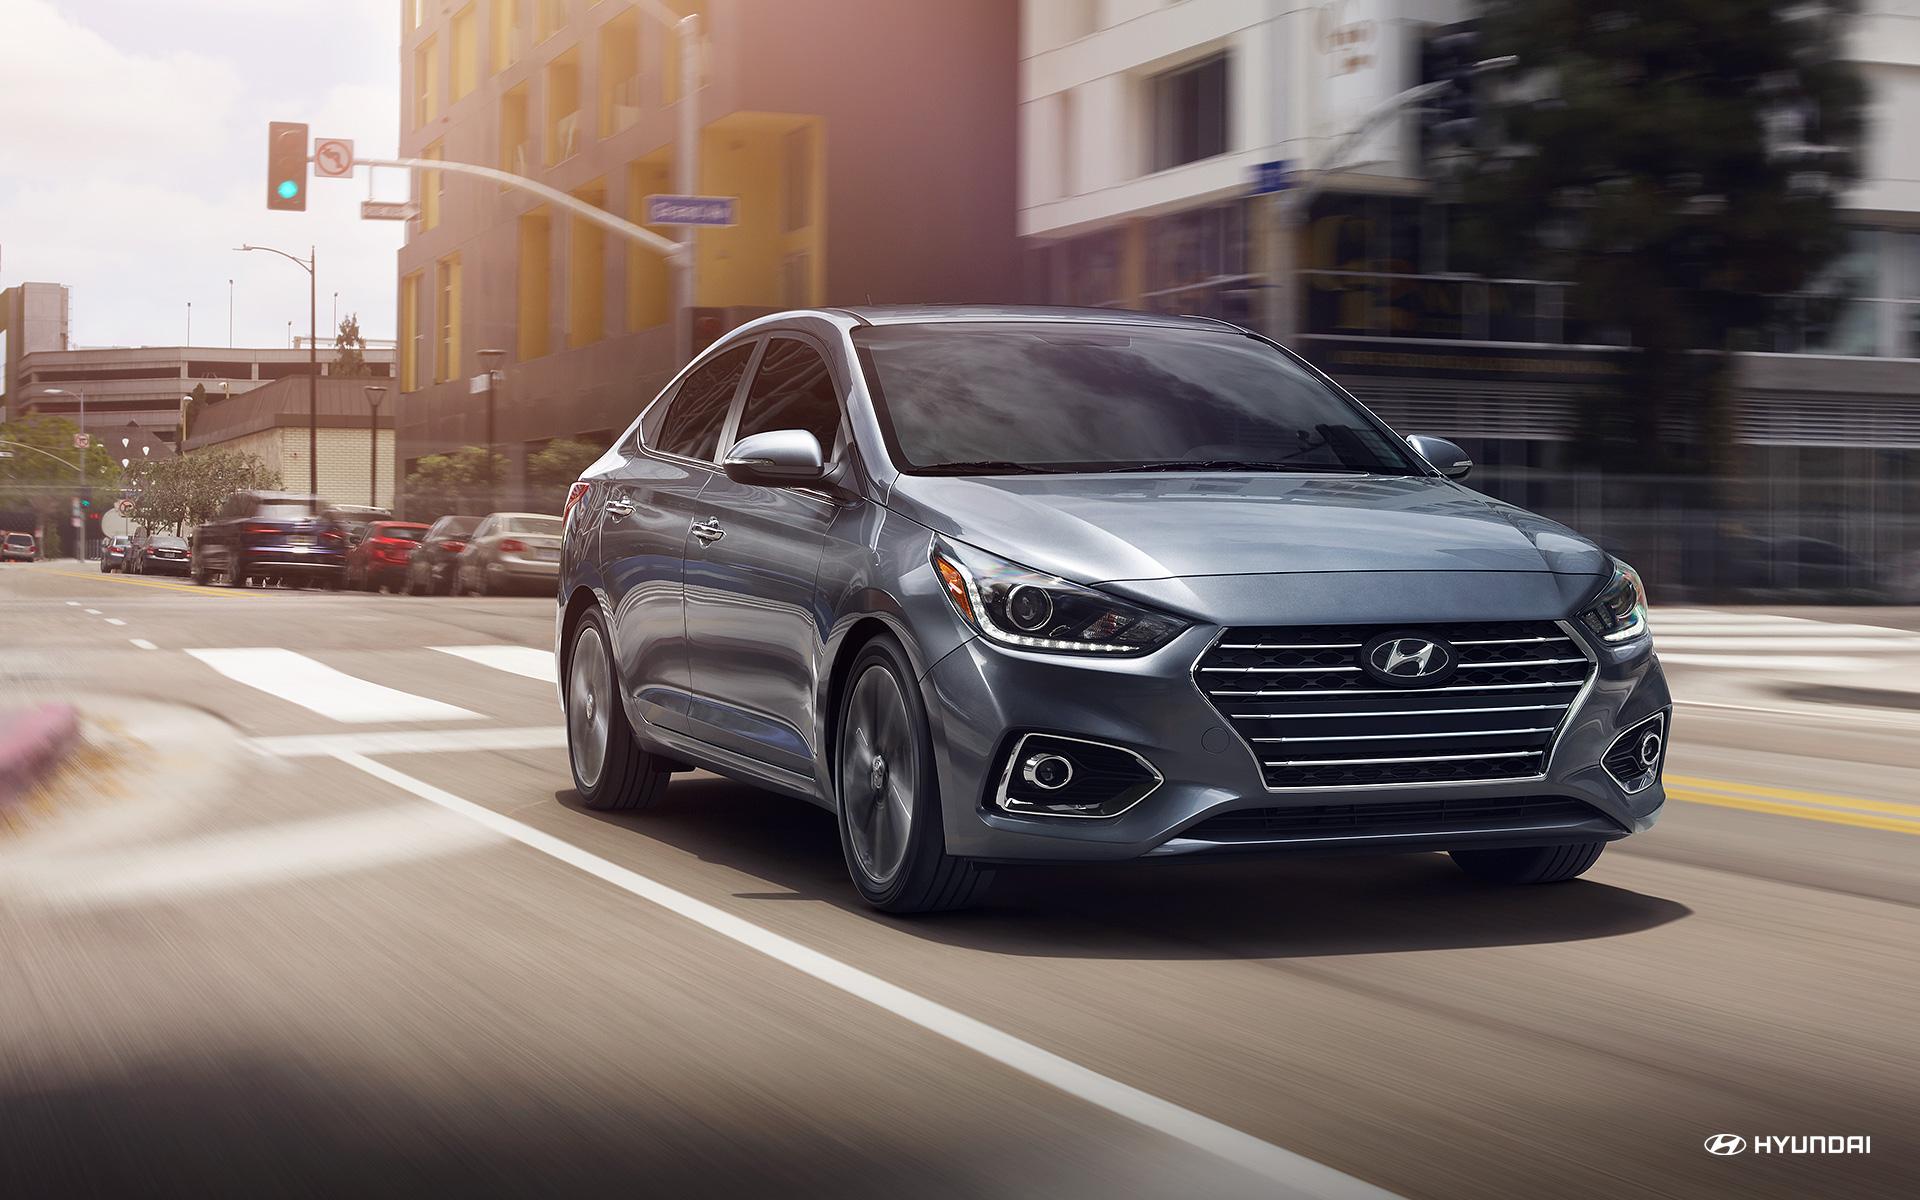 2018 Hyundai Accent | Irvine Auto Center | Irvine, CA